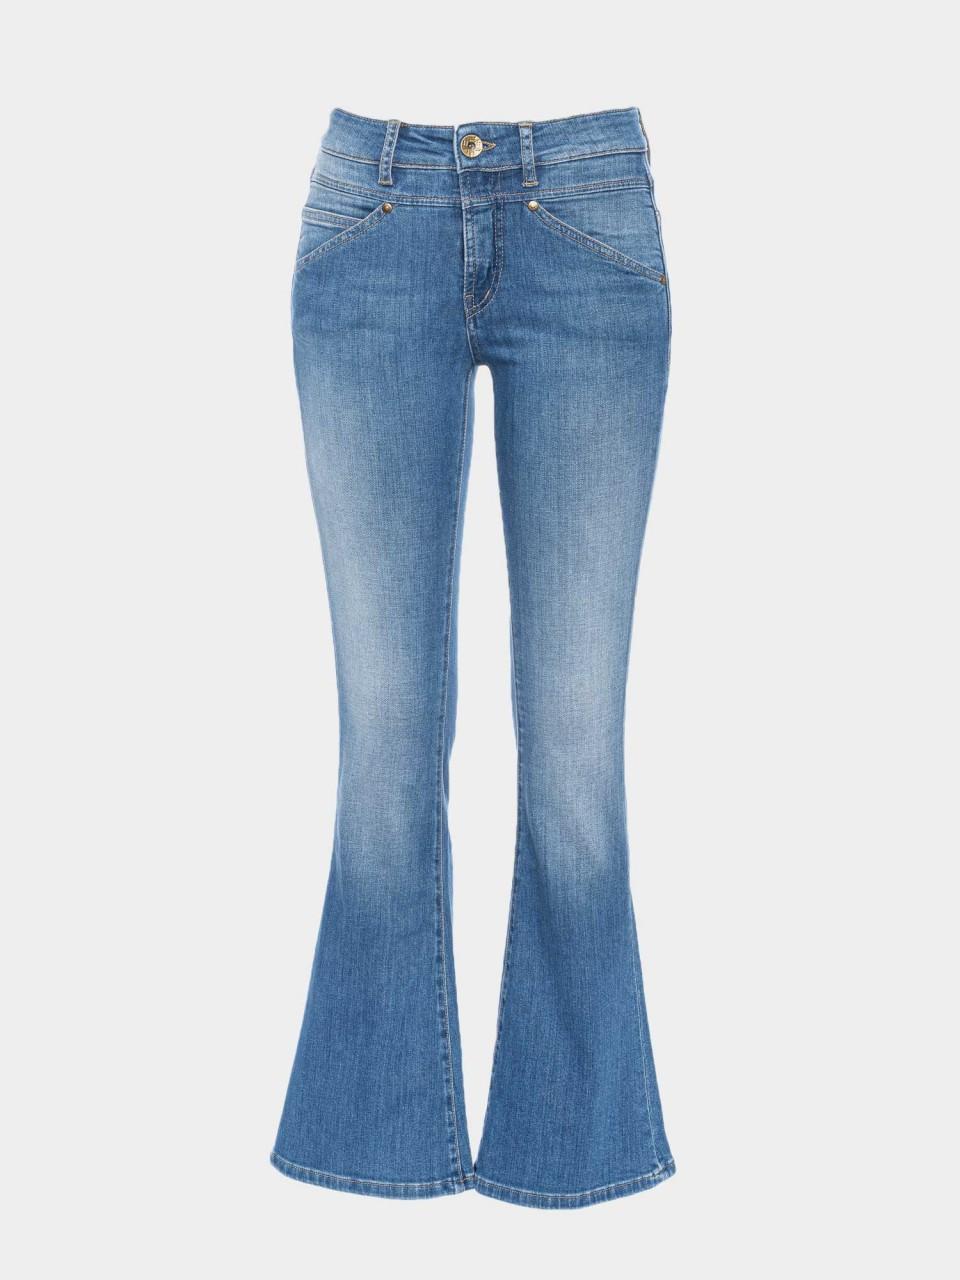 Jeans Karlie GOTS KR8855 BL USD